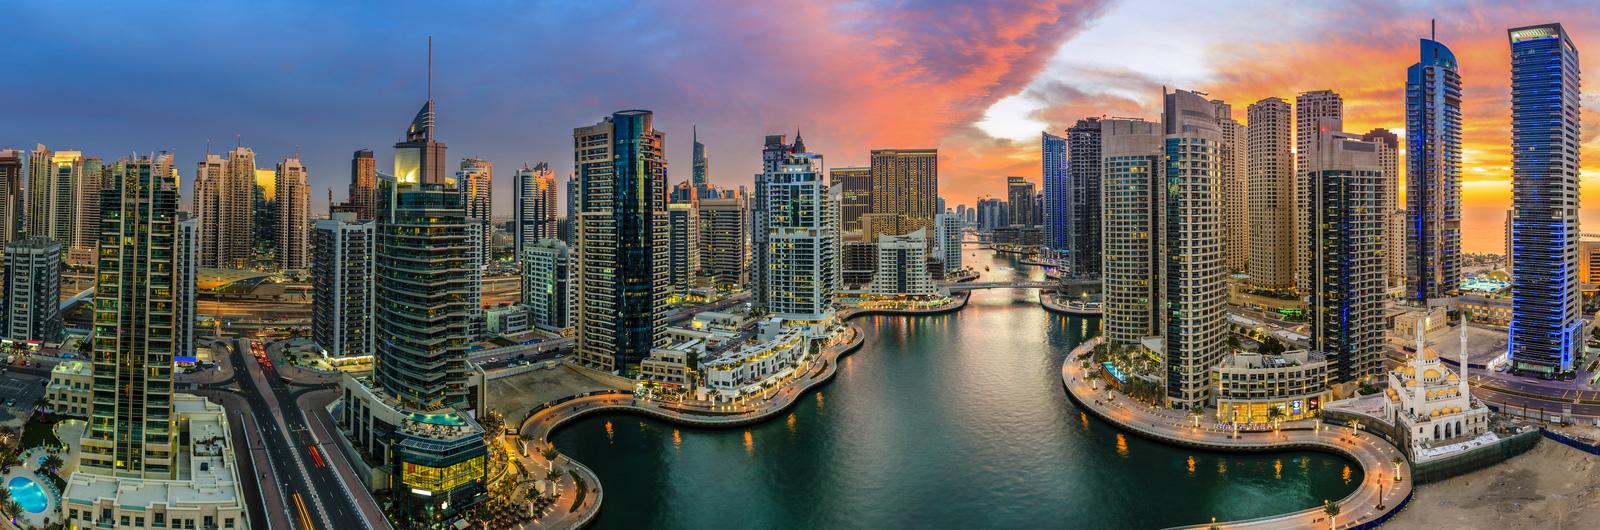 Dating site in Verenigde Arabische Emiraten